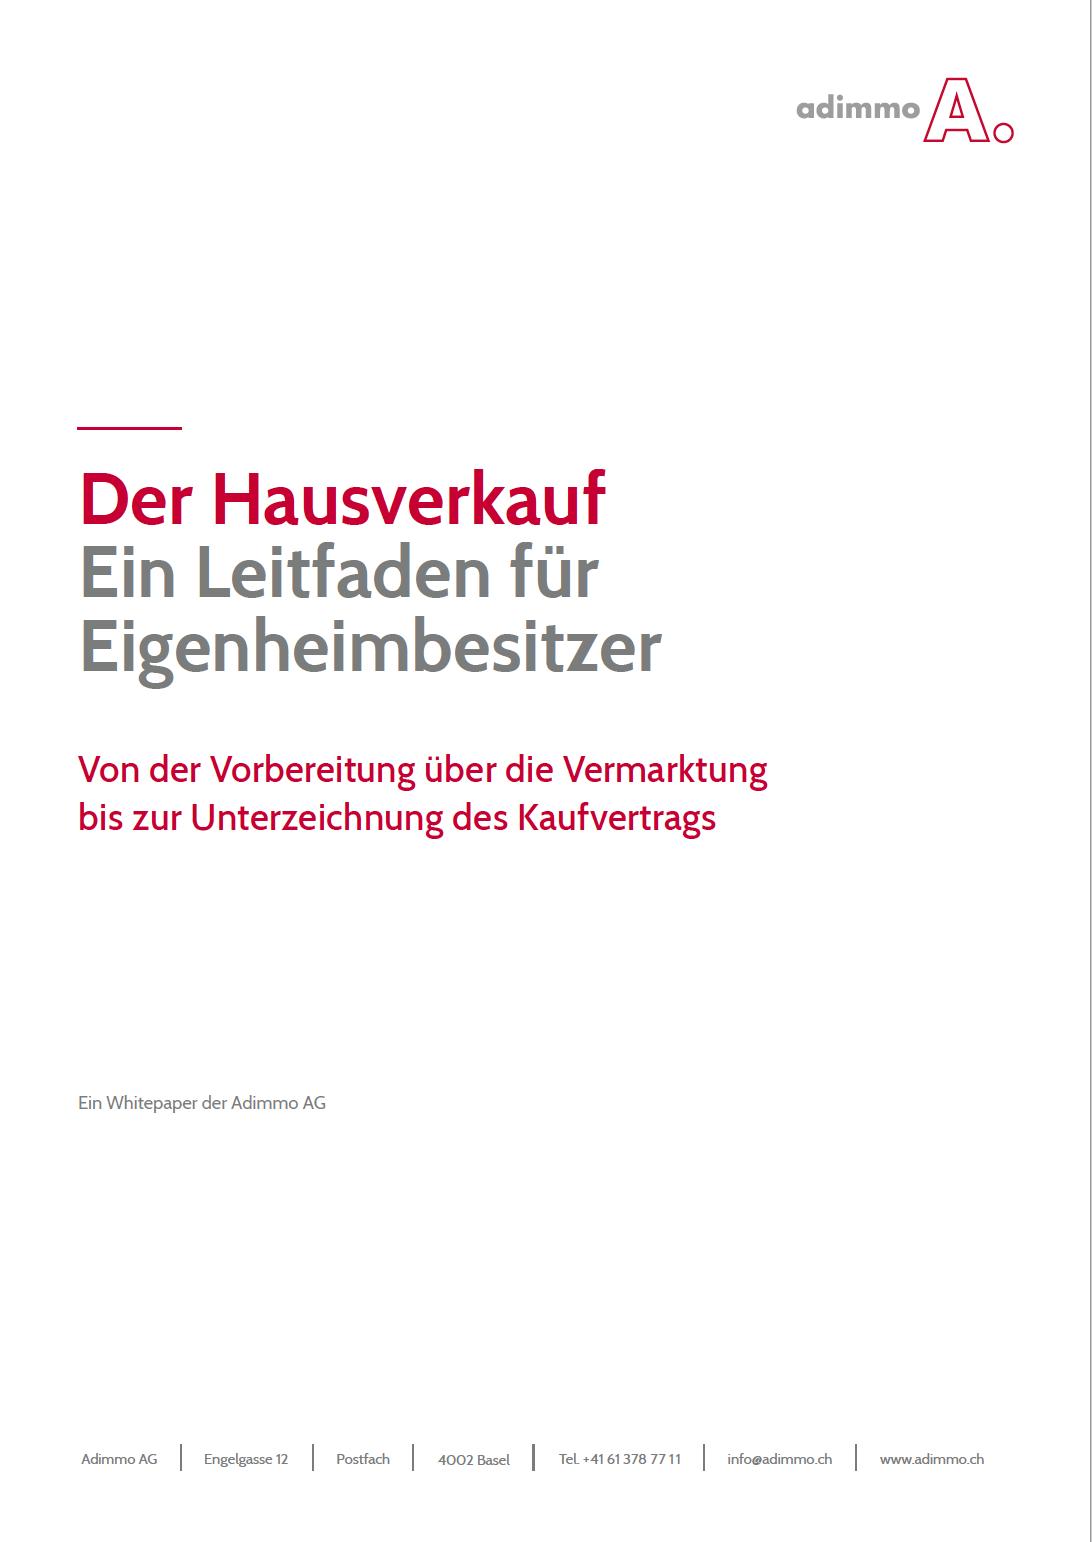 Vorschau_Whitepaper_Hausverkauf